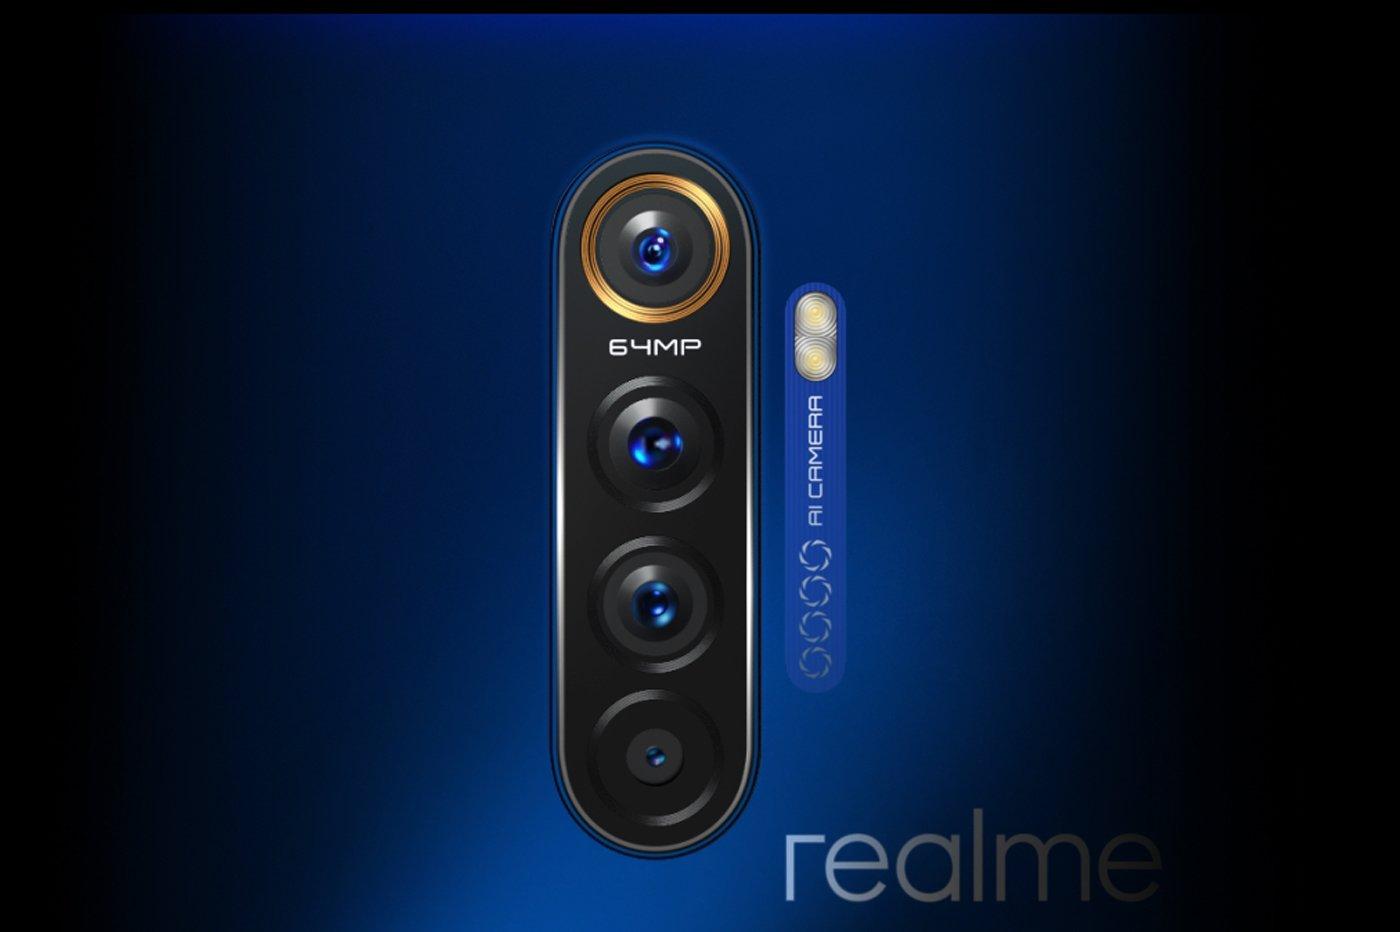 Nouveau Realme X2 Pro : écran OLED 90 Hz, capteur photo 64 mégapixels… et « seulement » 399 euros ?